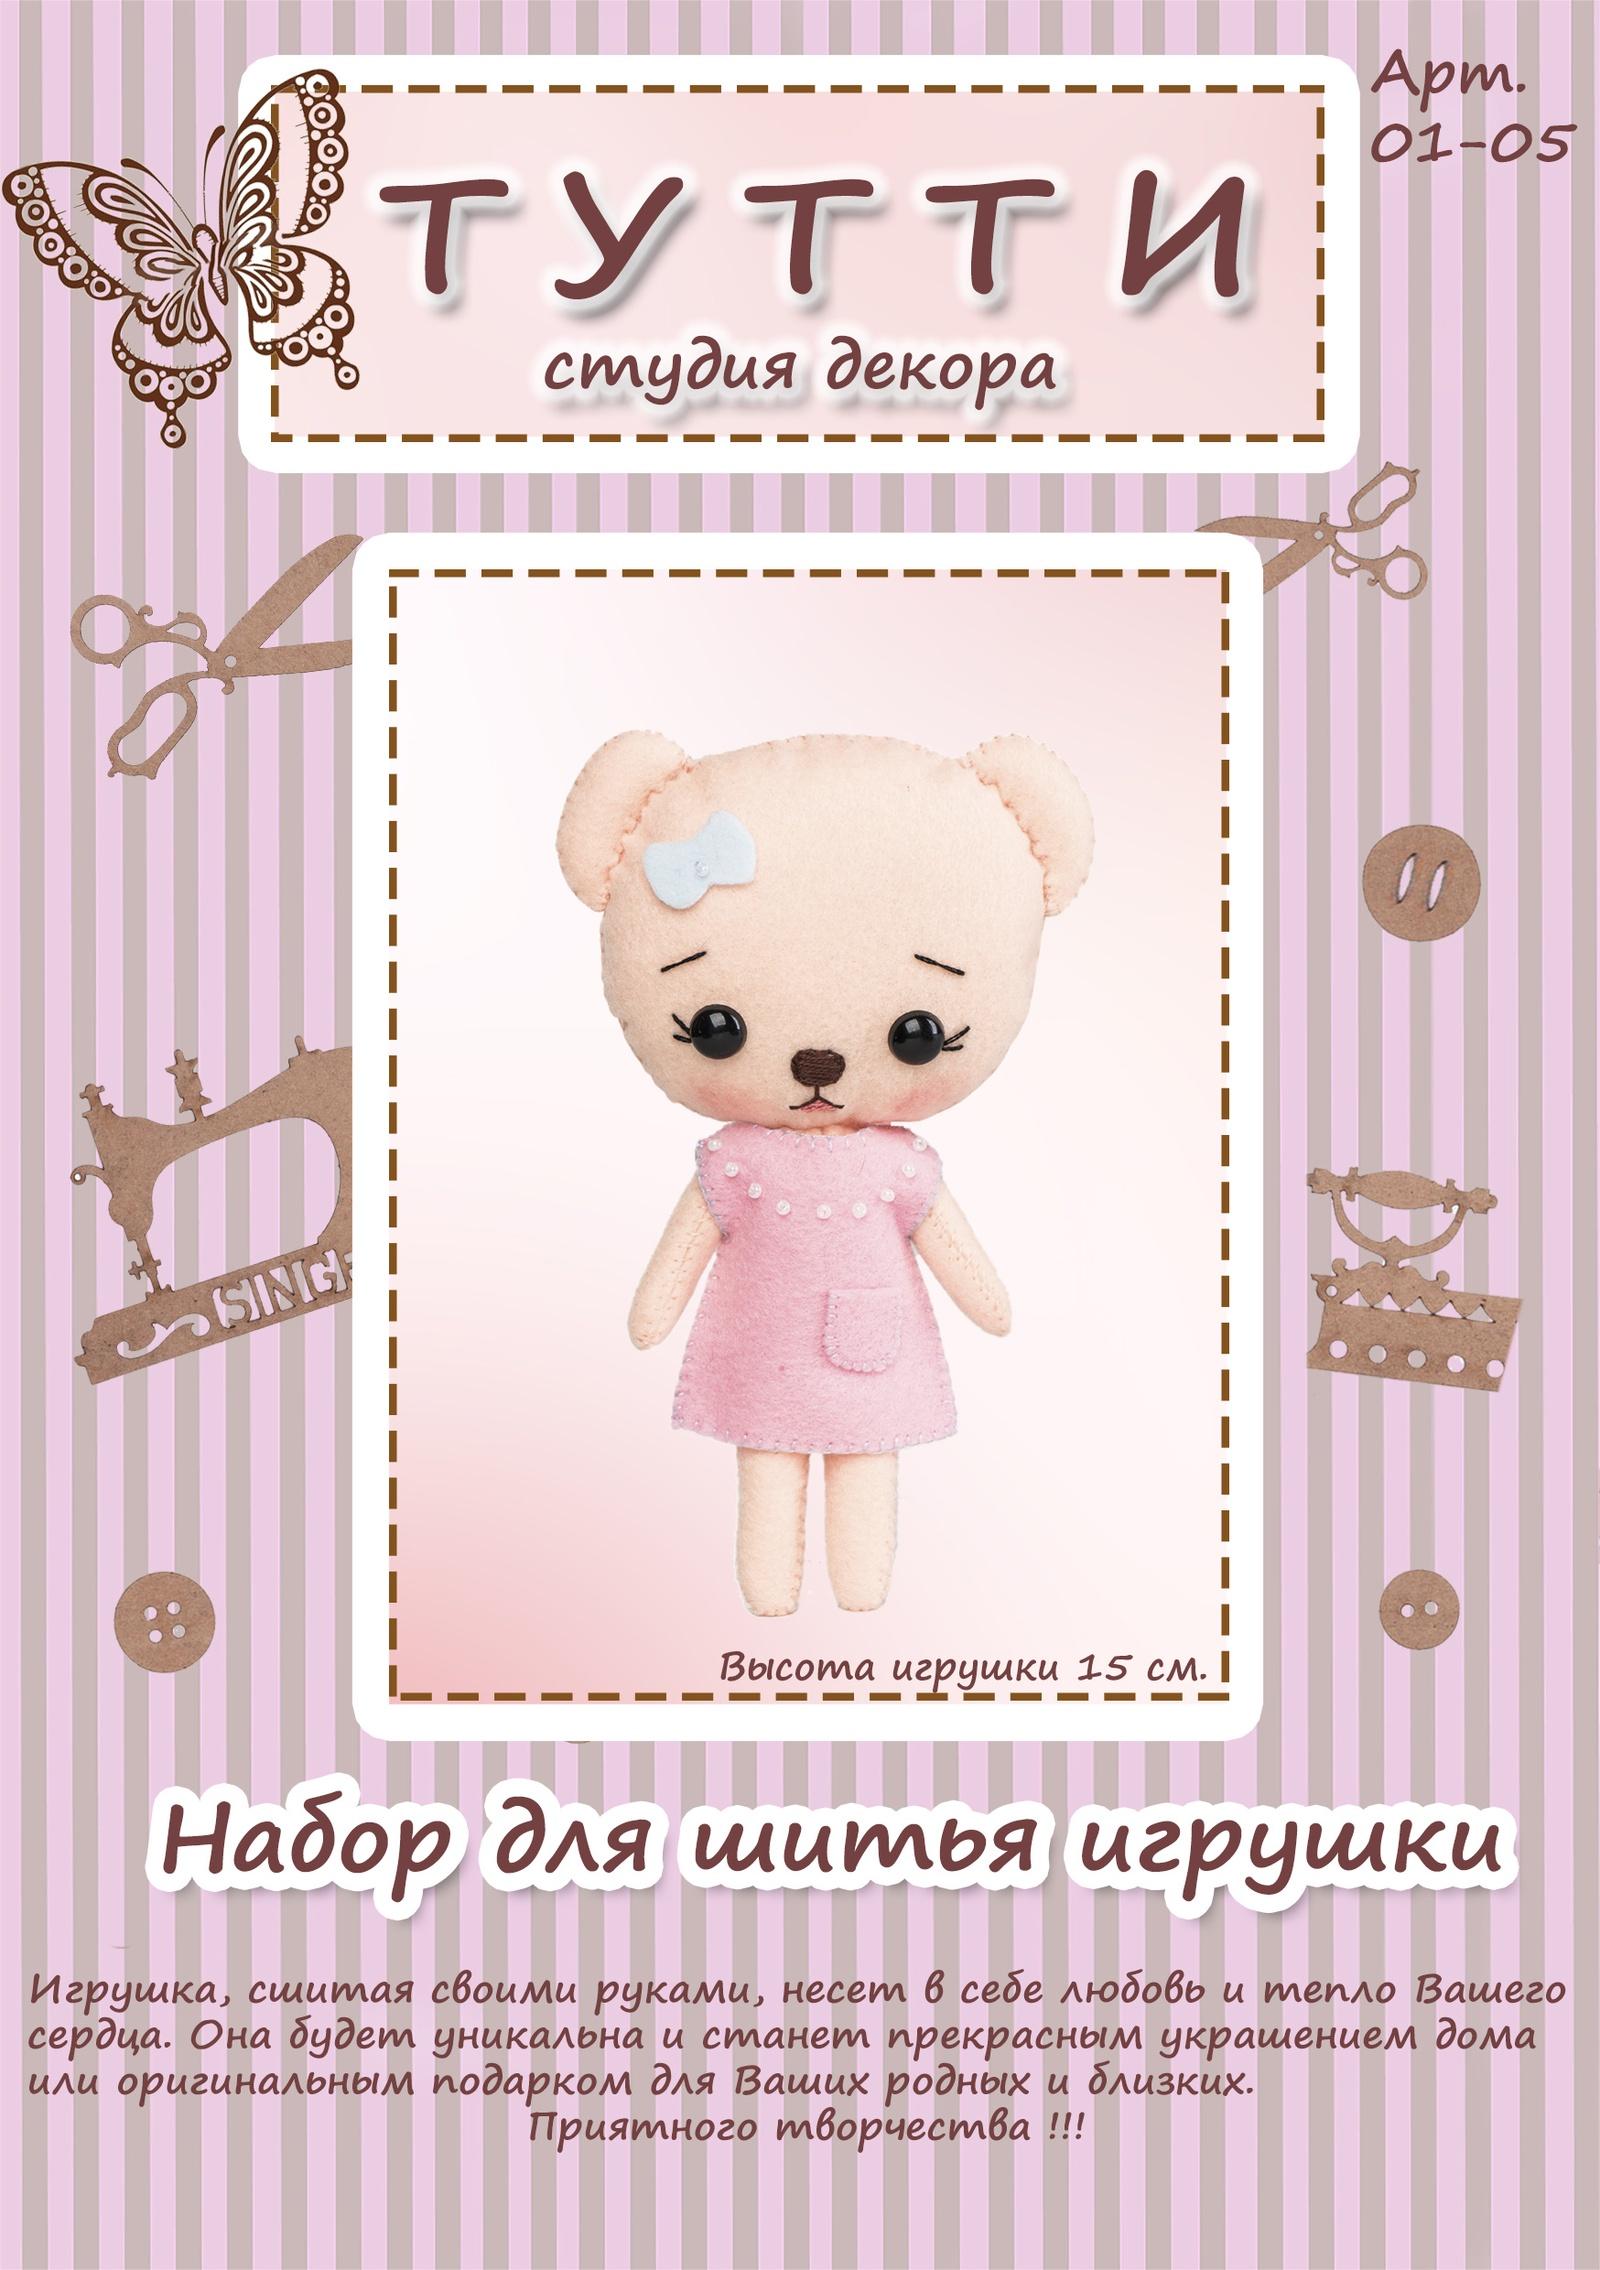 Набор для шитья игрушки из фетра Тутти Мишка Сластена, 01-05 наборы из фетра в пакете с хедером четырехлистники 11 21136 15